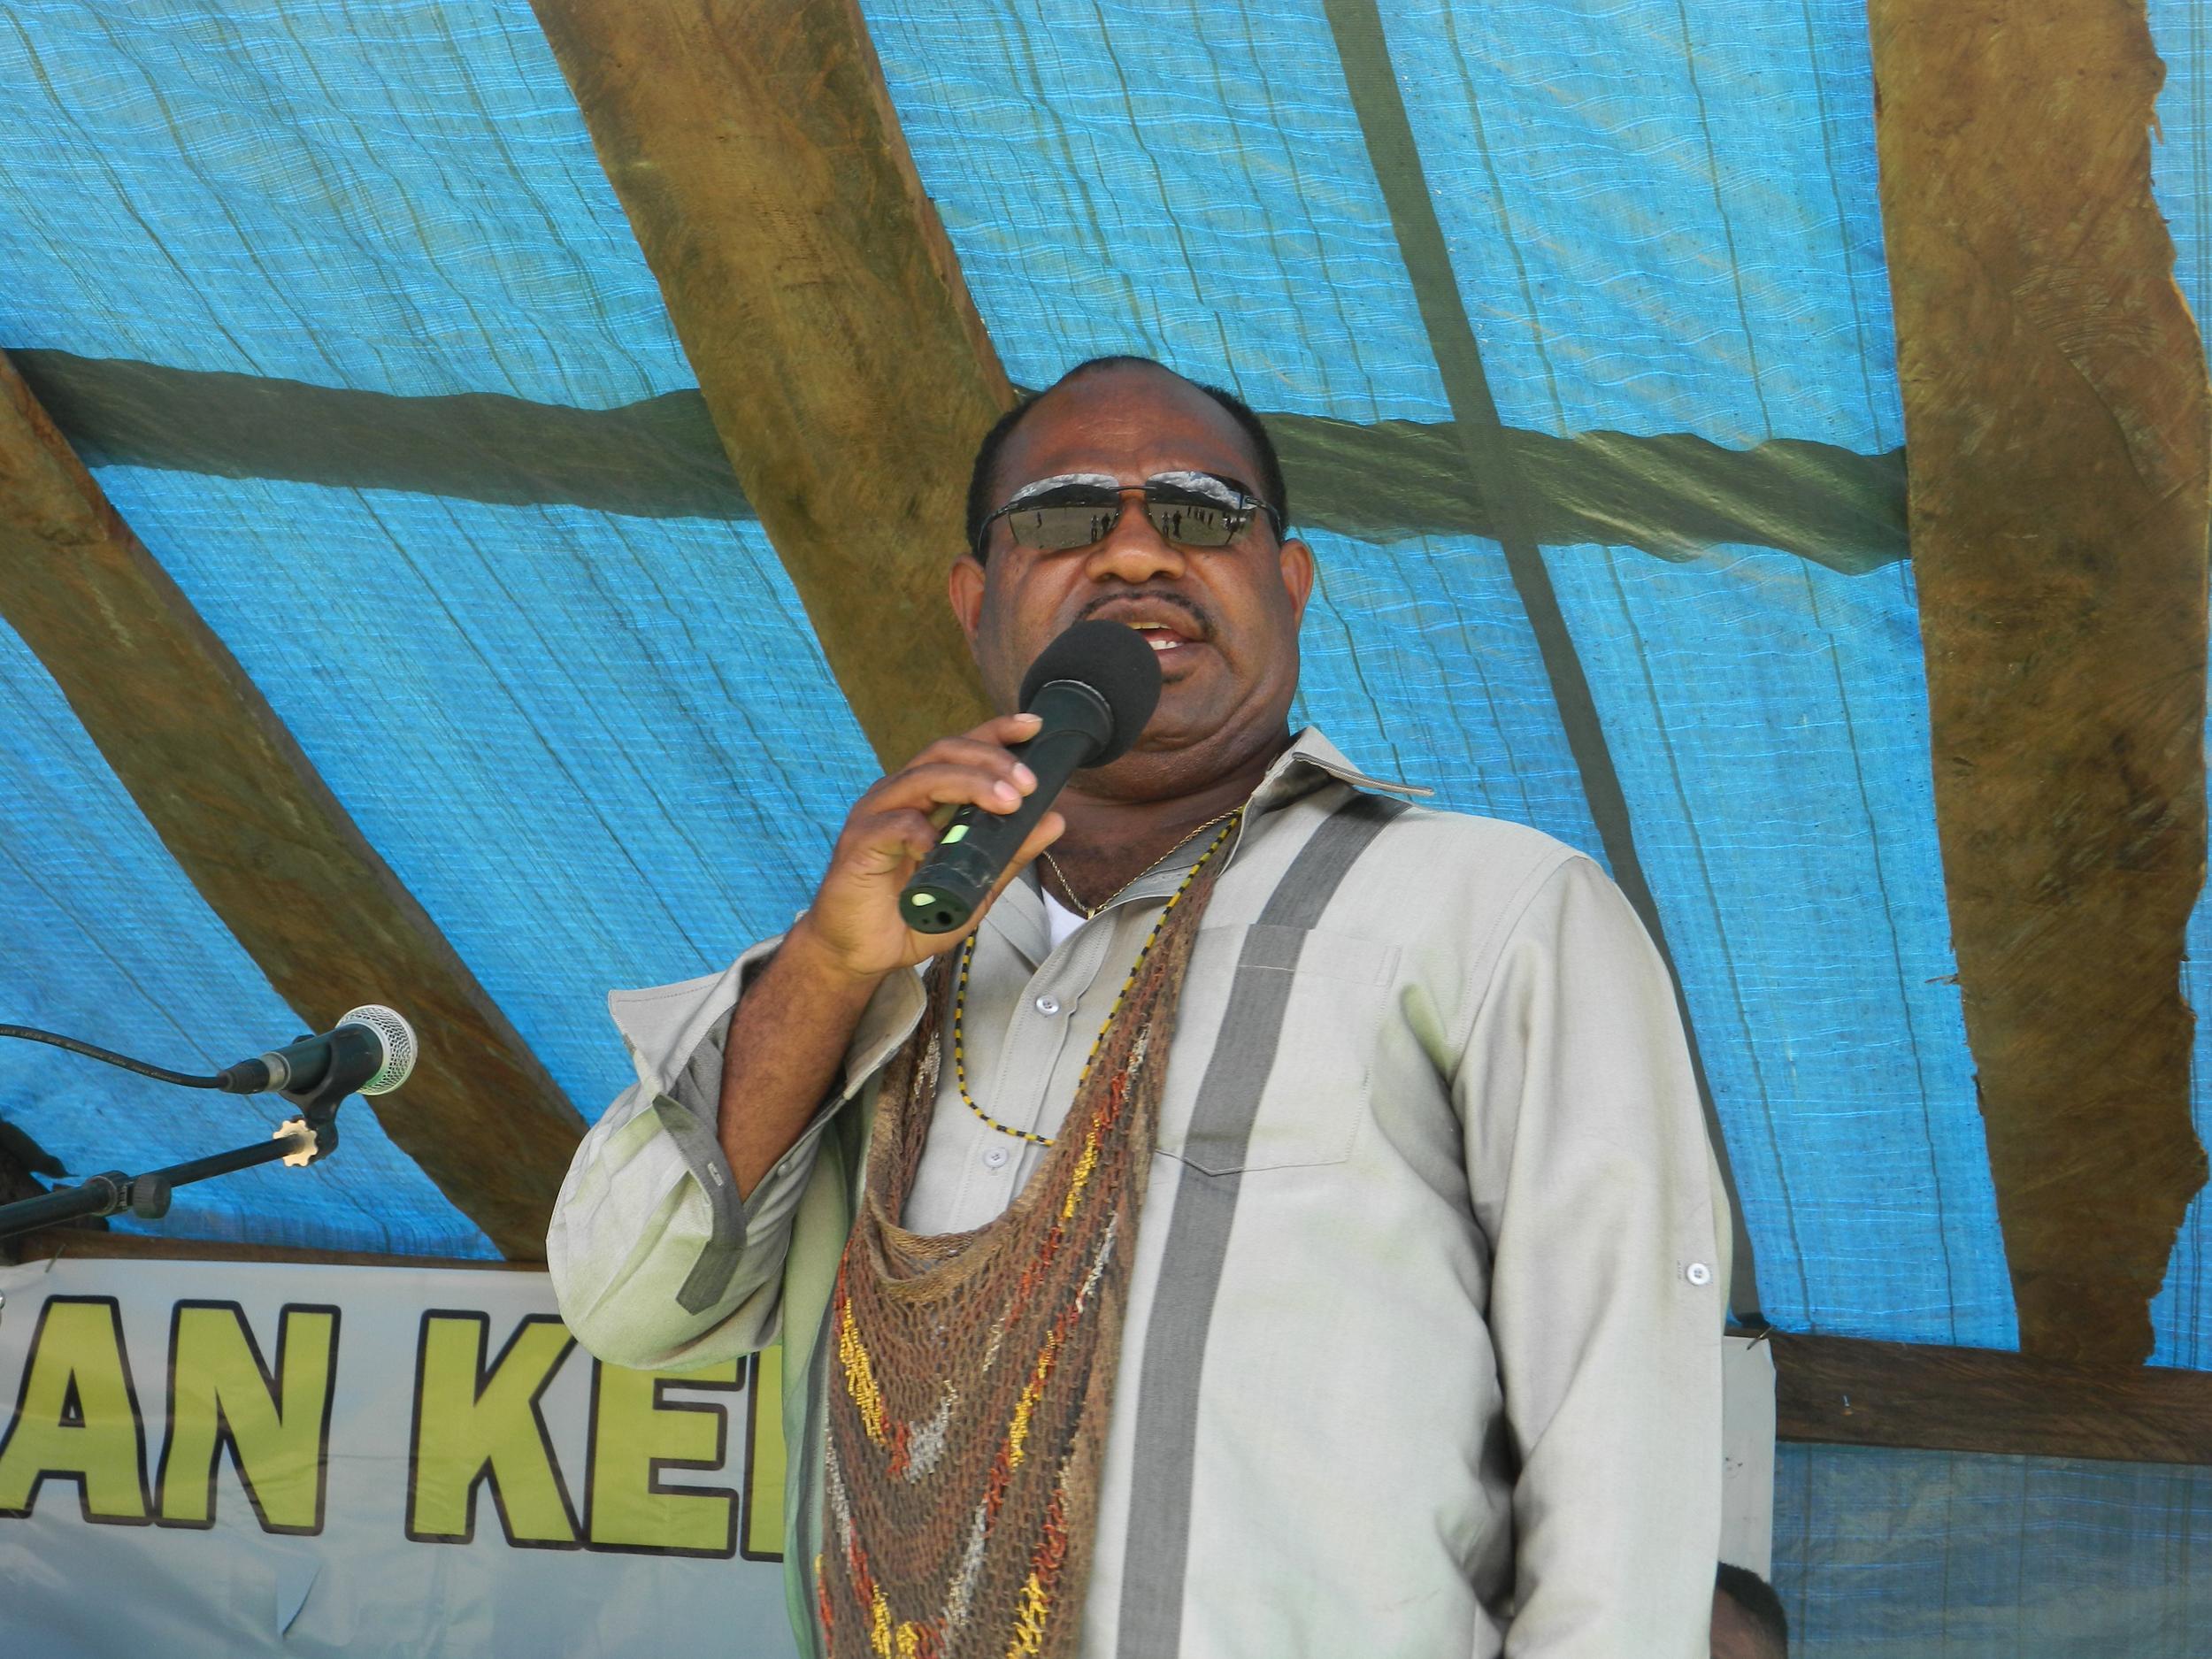 ketua Tim Pemekaran Kab. Yamo saat Menyampaikan Arahannya di depan masyarakat